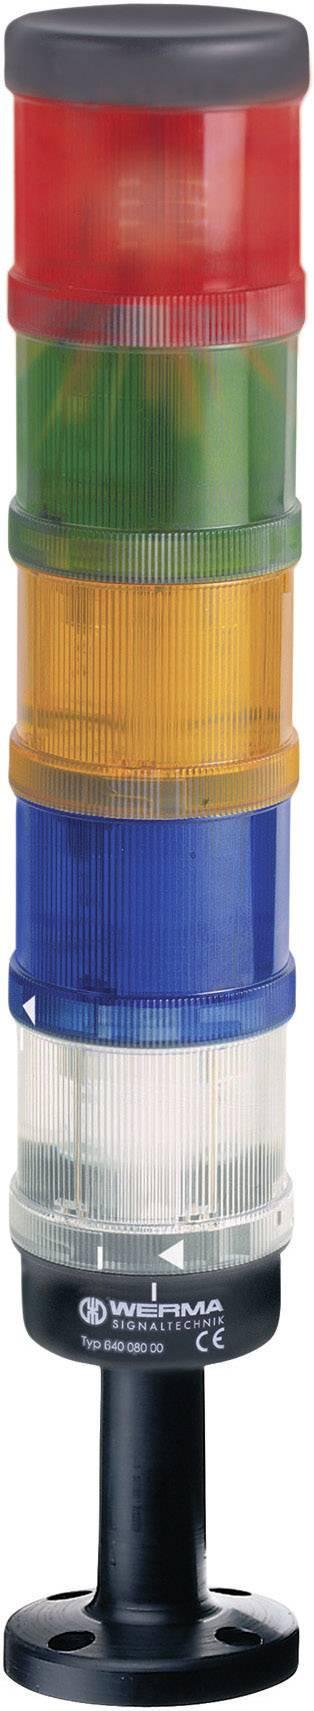 Súčasť signalizačného stĺpika LED Werma Signaltechnik WERMA KombiSign 71 644.120.55, 24 V/DC, blikanie, červená